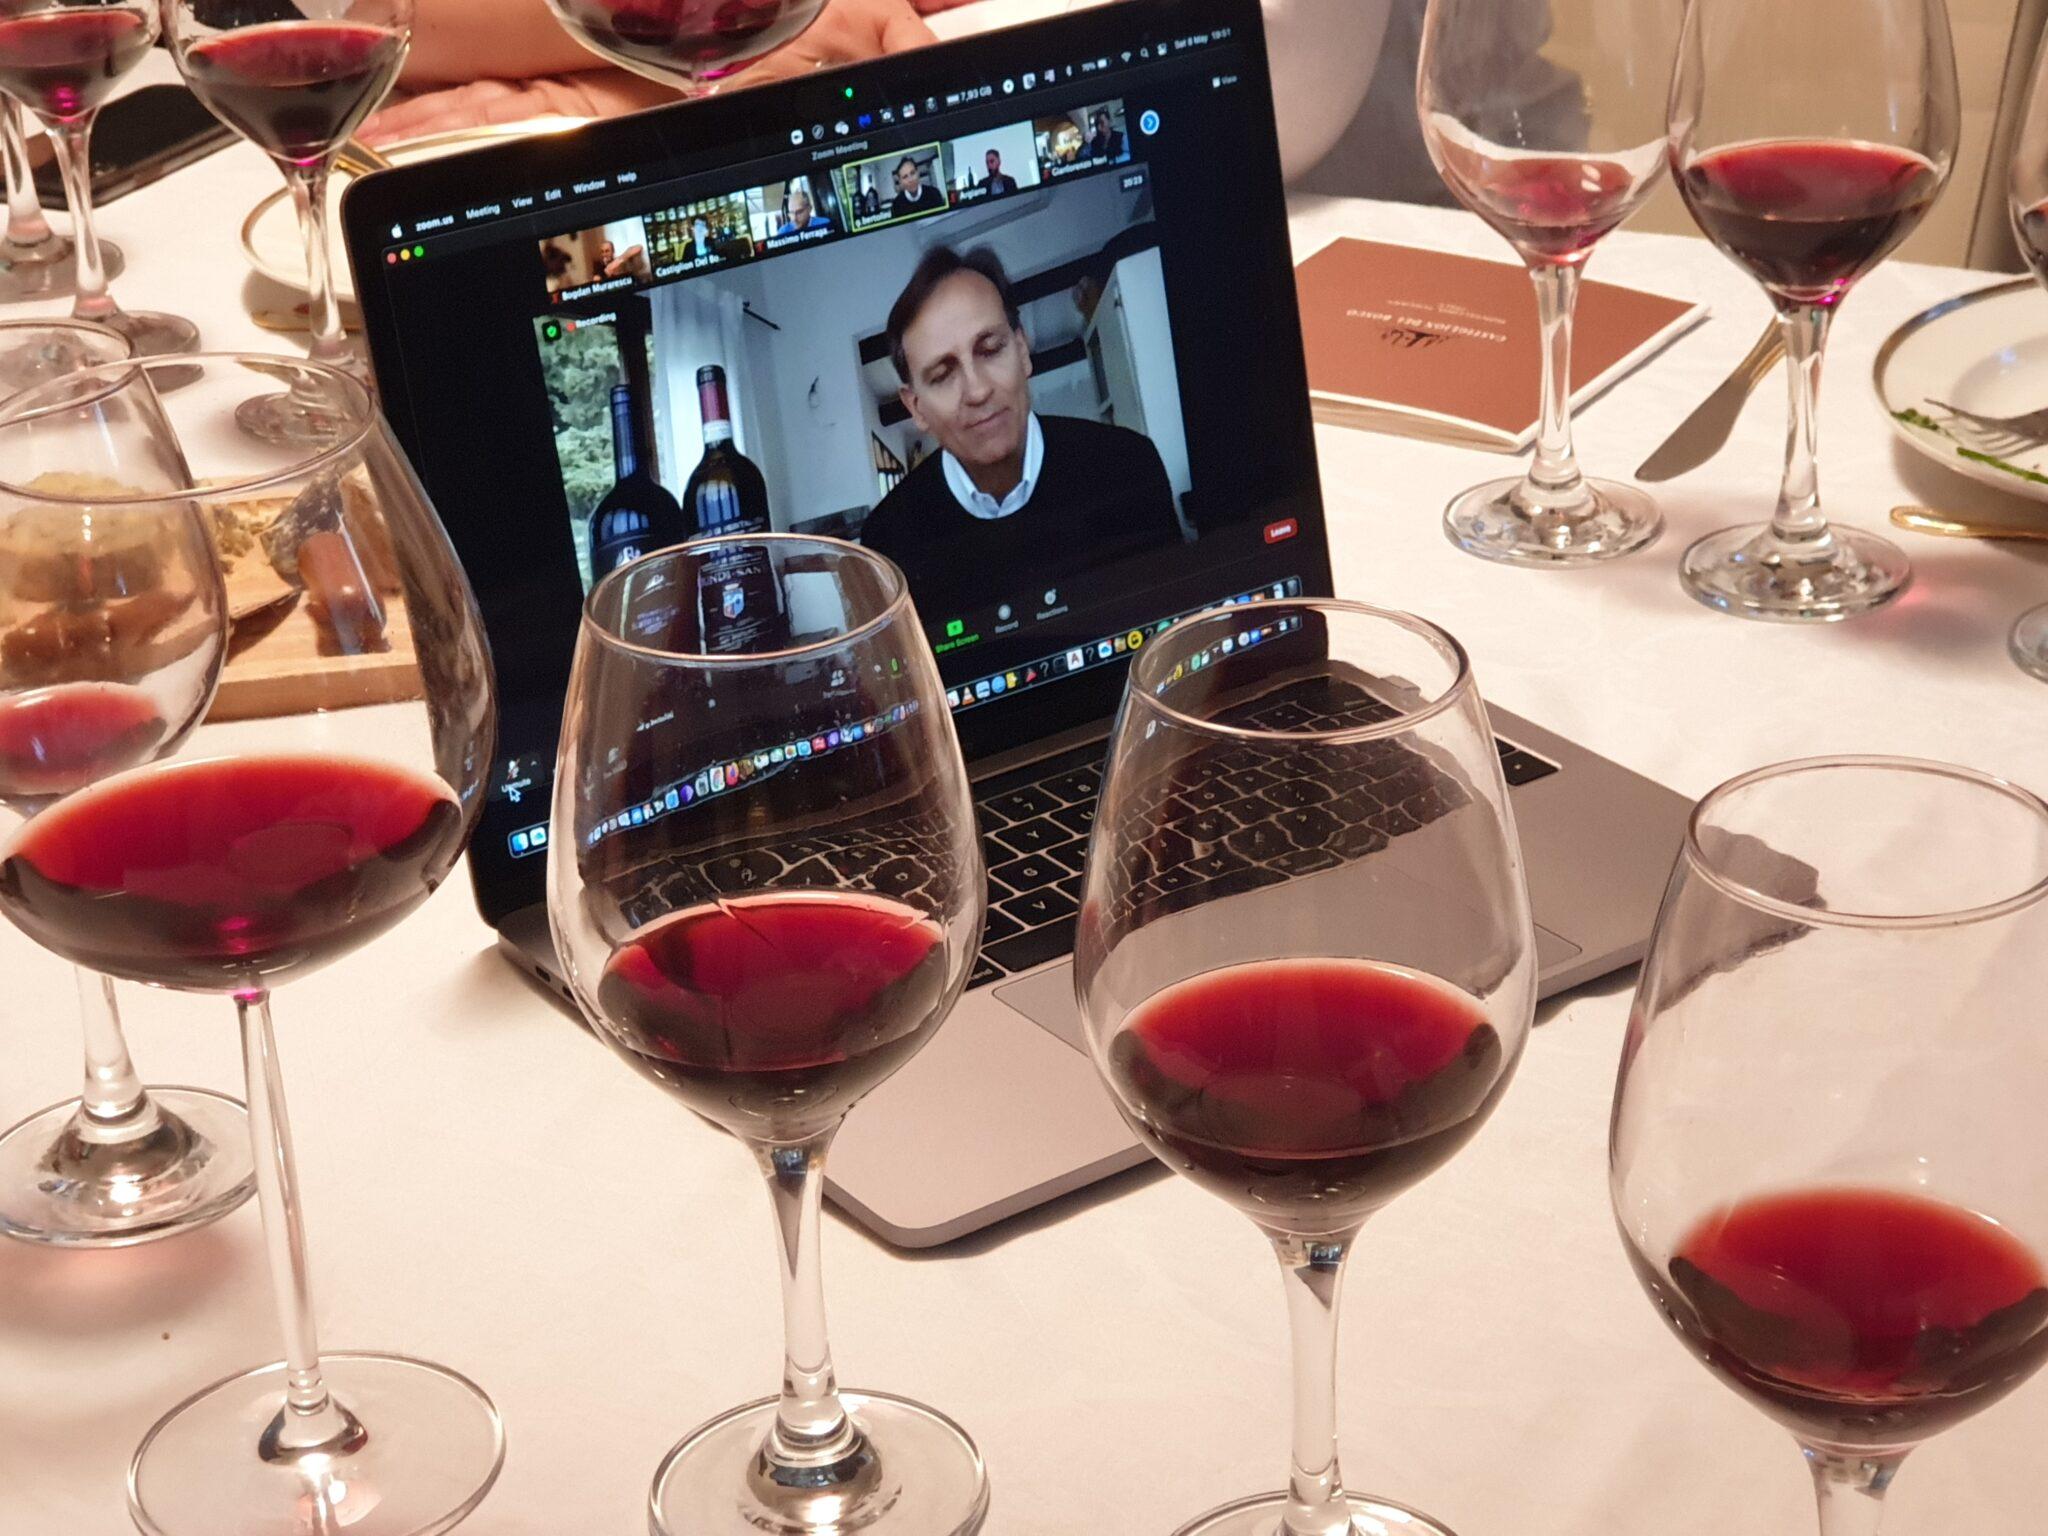 degustarea vinului datând din londra)